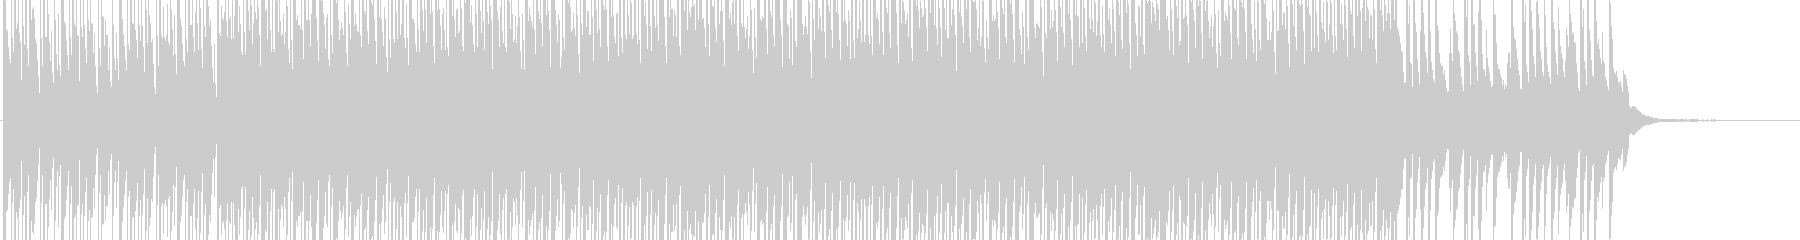 アップテンポなハウス系BGMの未再生の波形